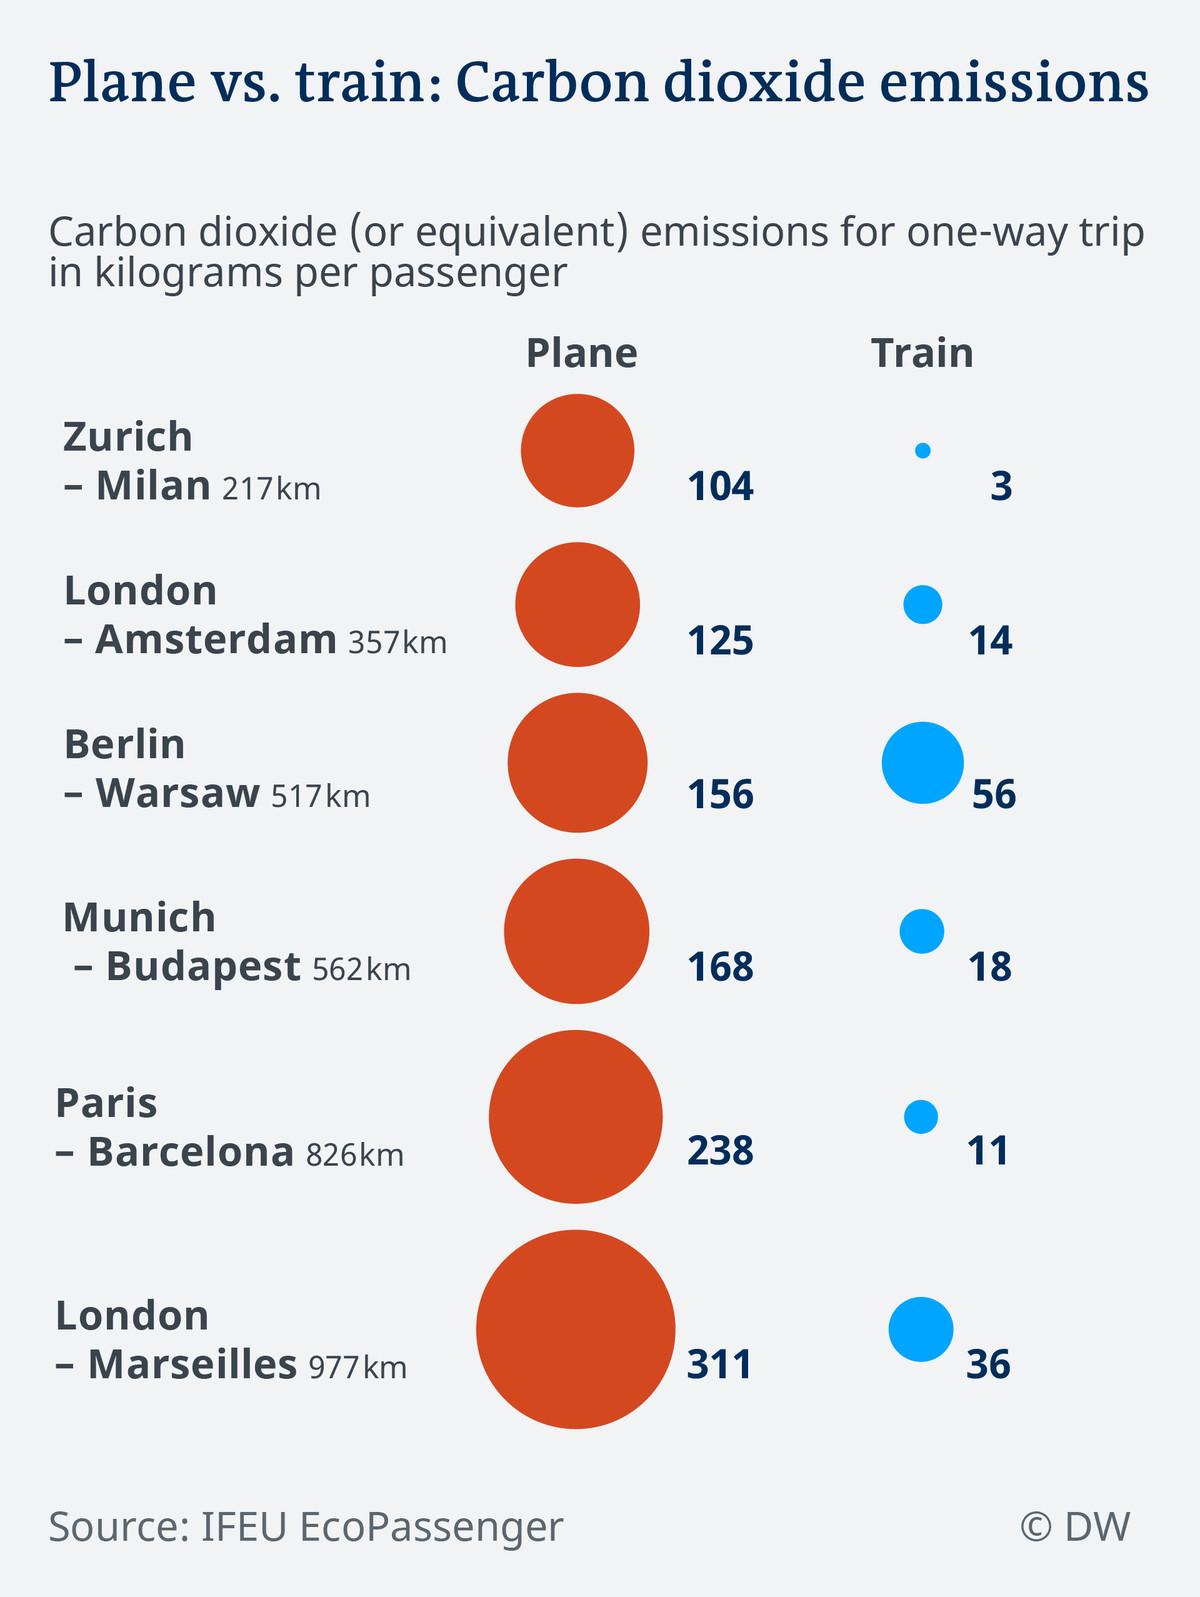 Trains emit far less carbon dioxide per passenger than aircraft.